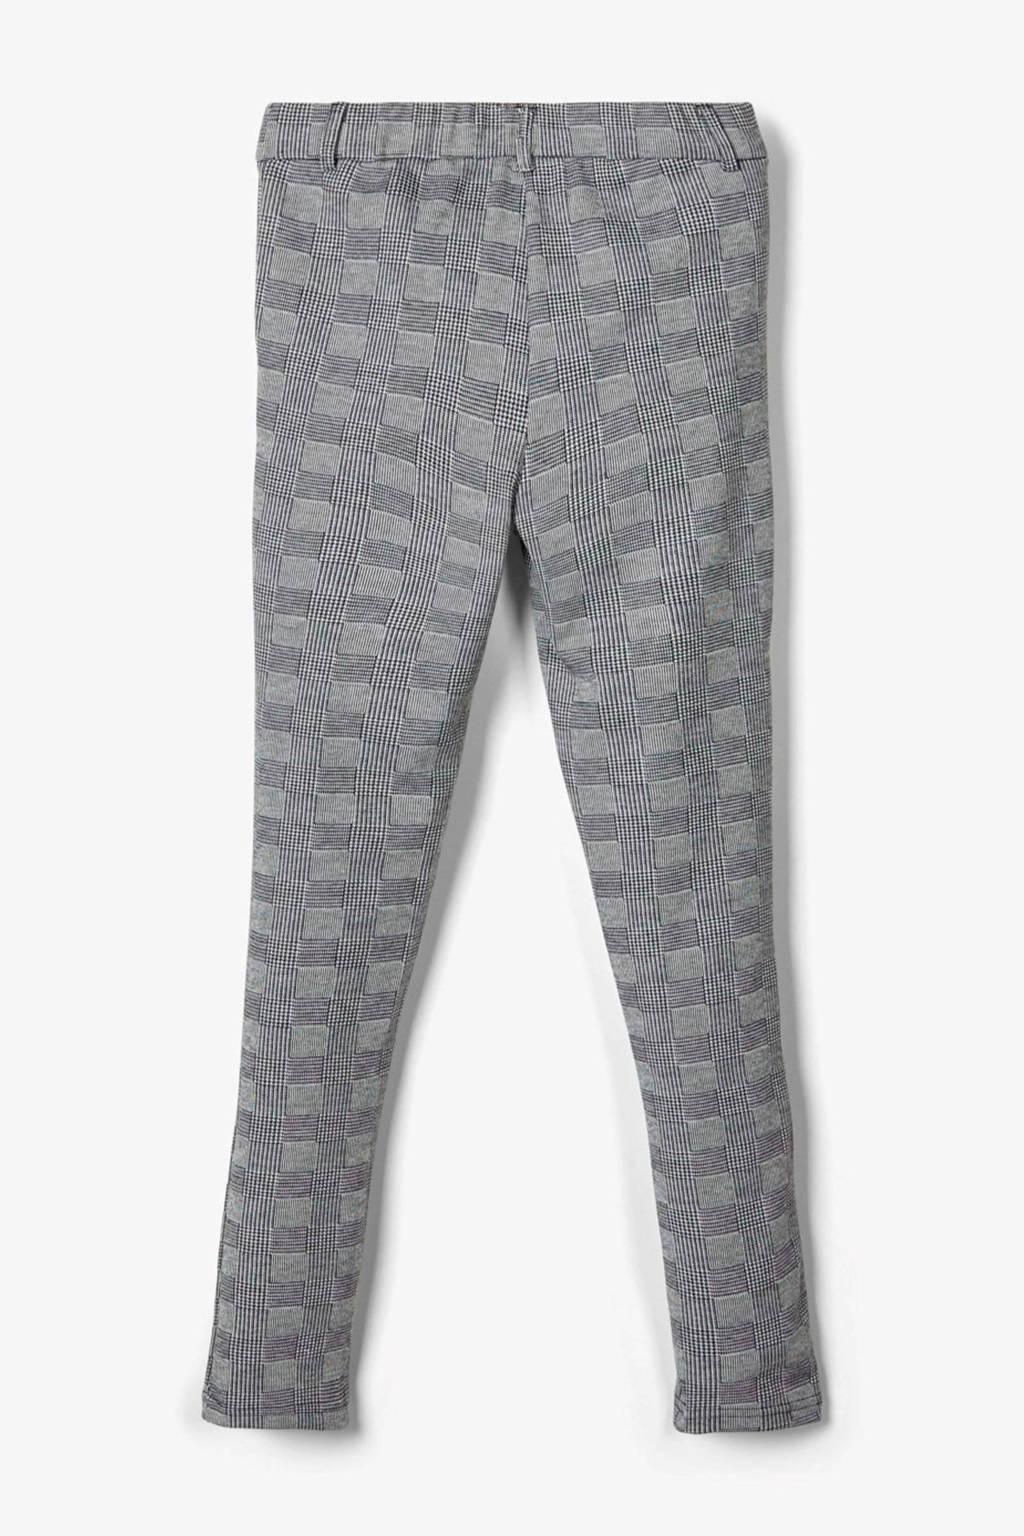 LMTD geruite slim fit broek Dack zwart/wit, Zwart/wit